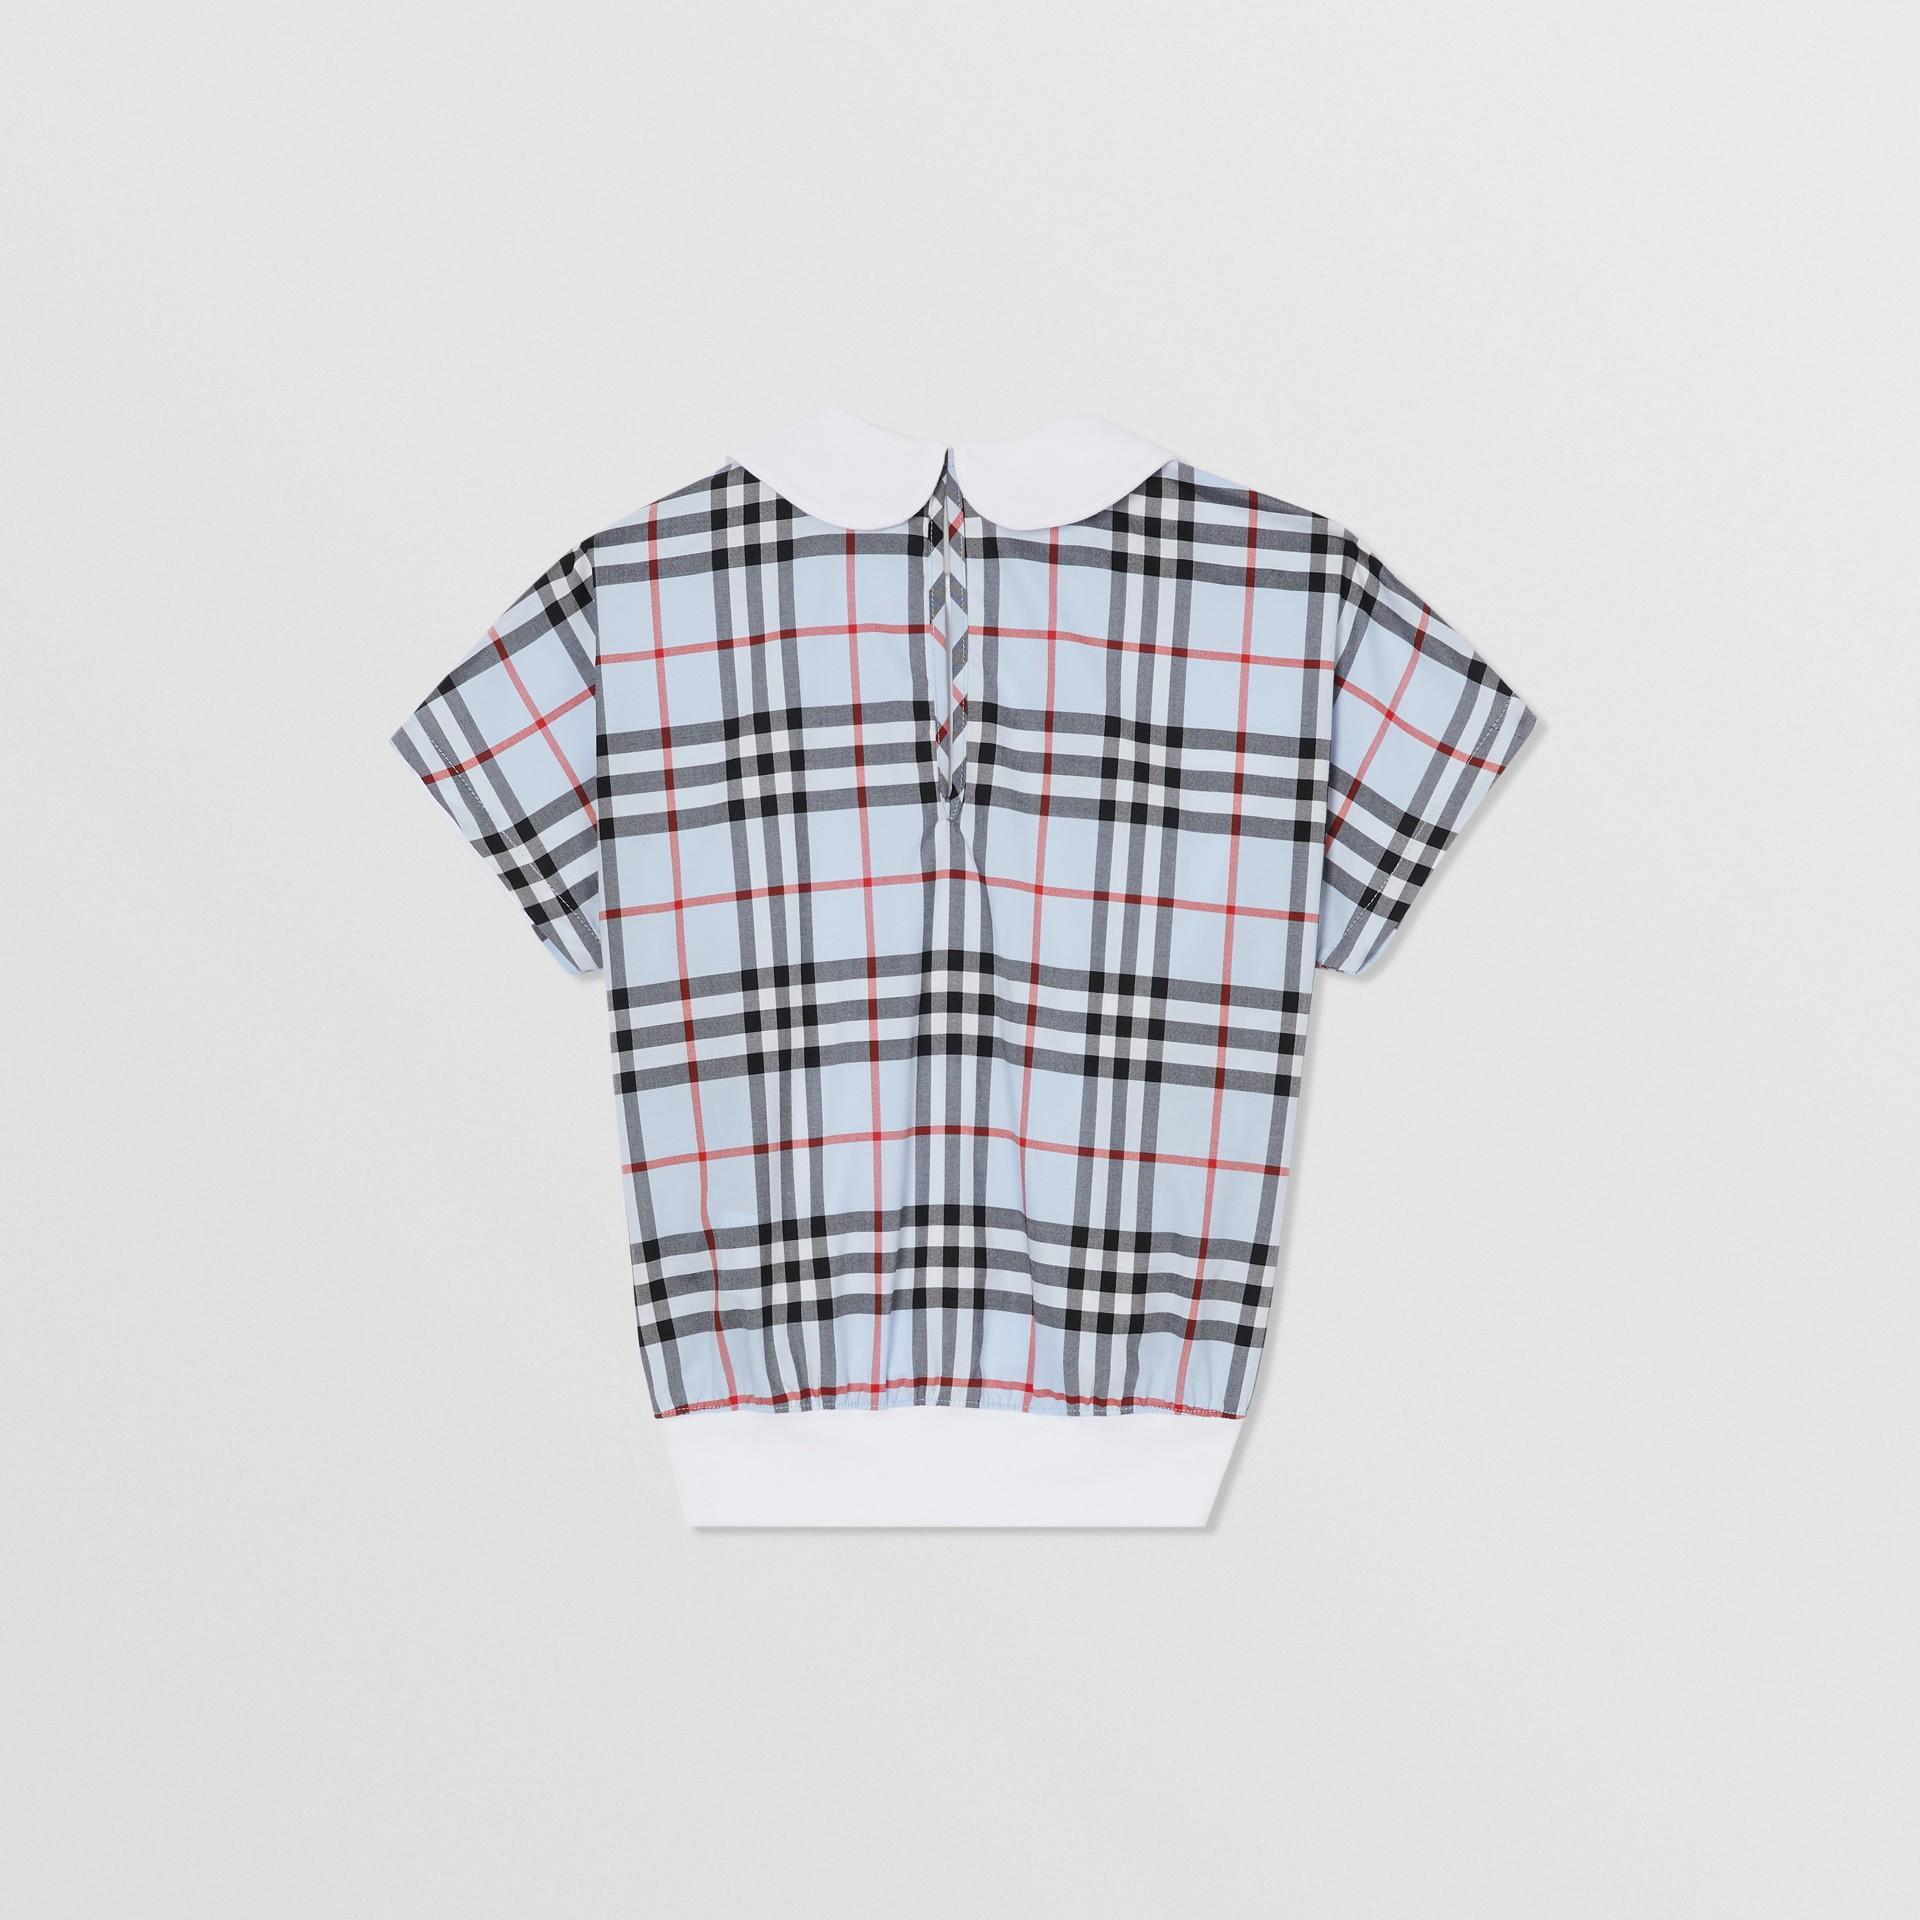 Blusa de algodão com recorte xadrez (Branco) | Burberry - galeria de imagens 3